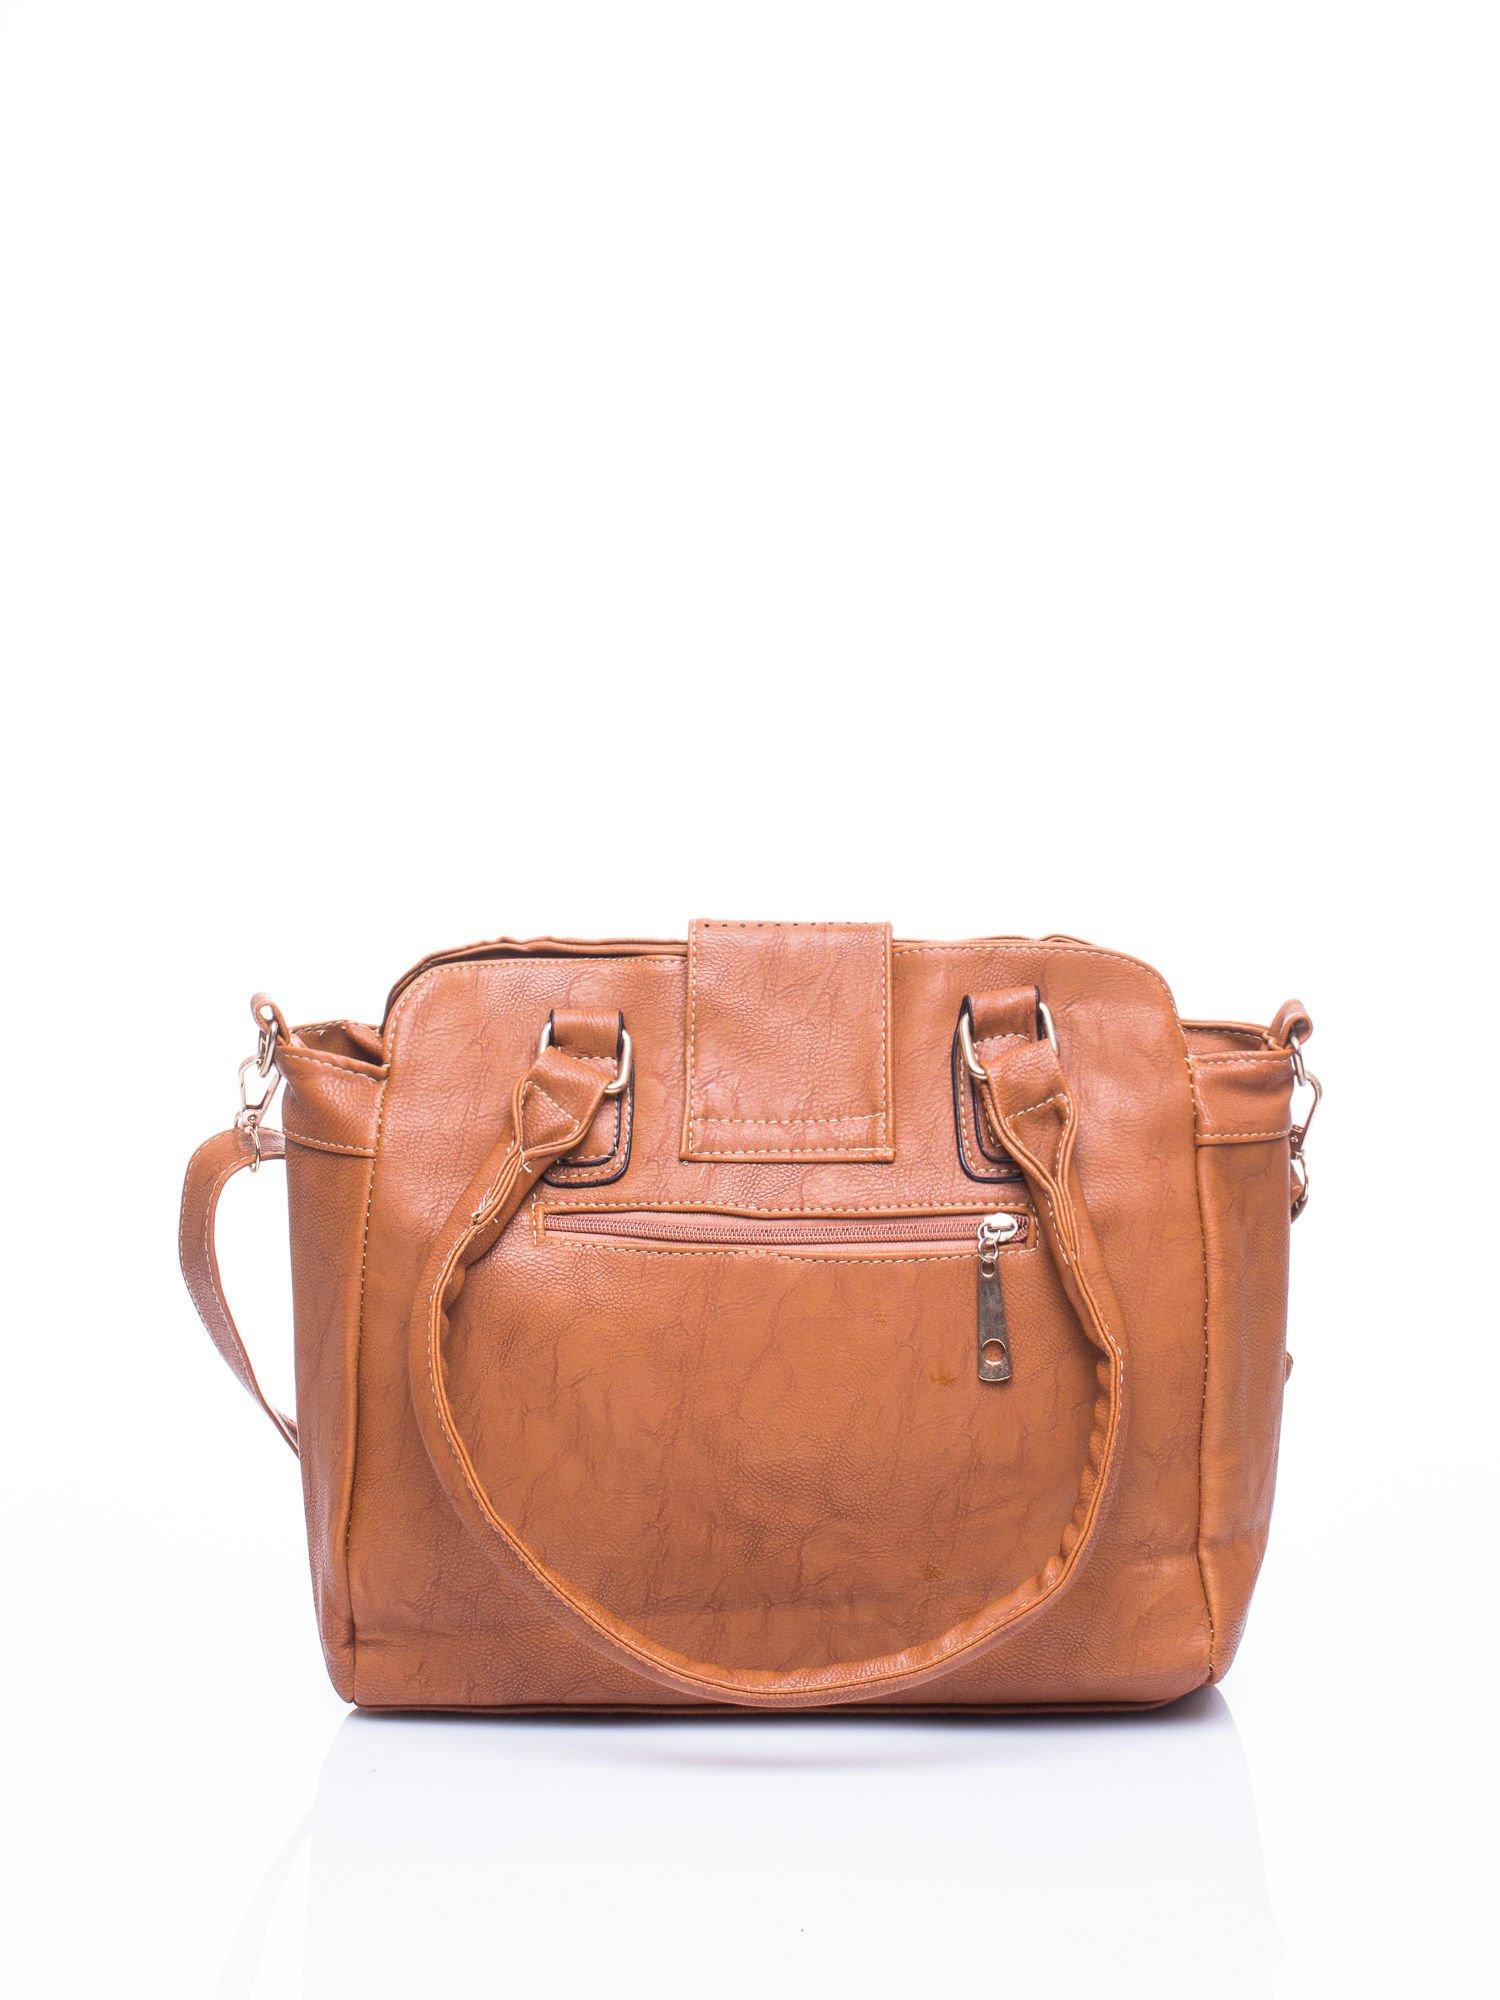 Brązowa torba miejska z klapką                                  zdj.                                  2